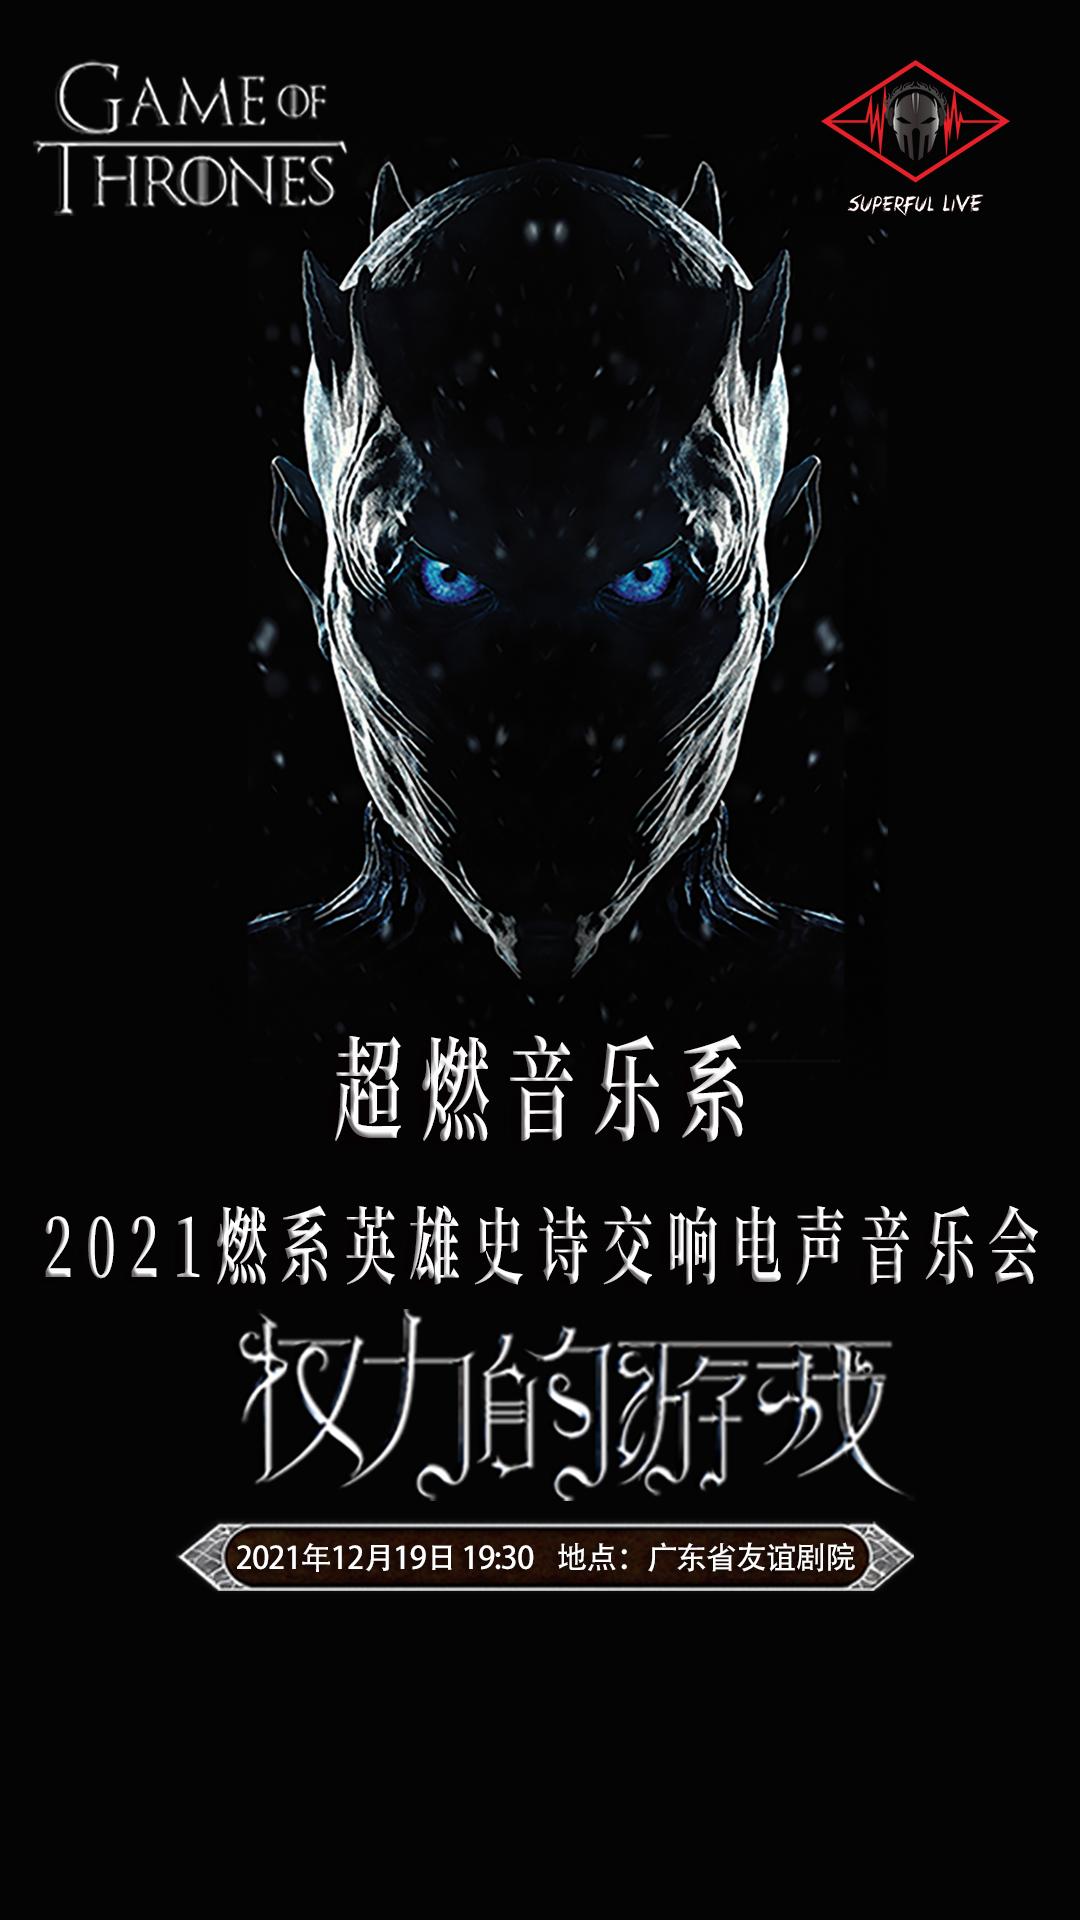 【广州】超燃音乐系-2021英雄史诗交响电声音乐会《权力的游戏》